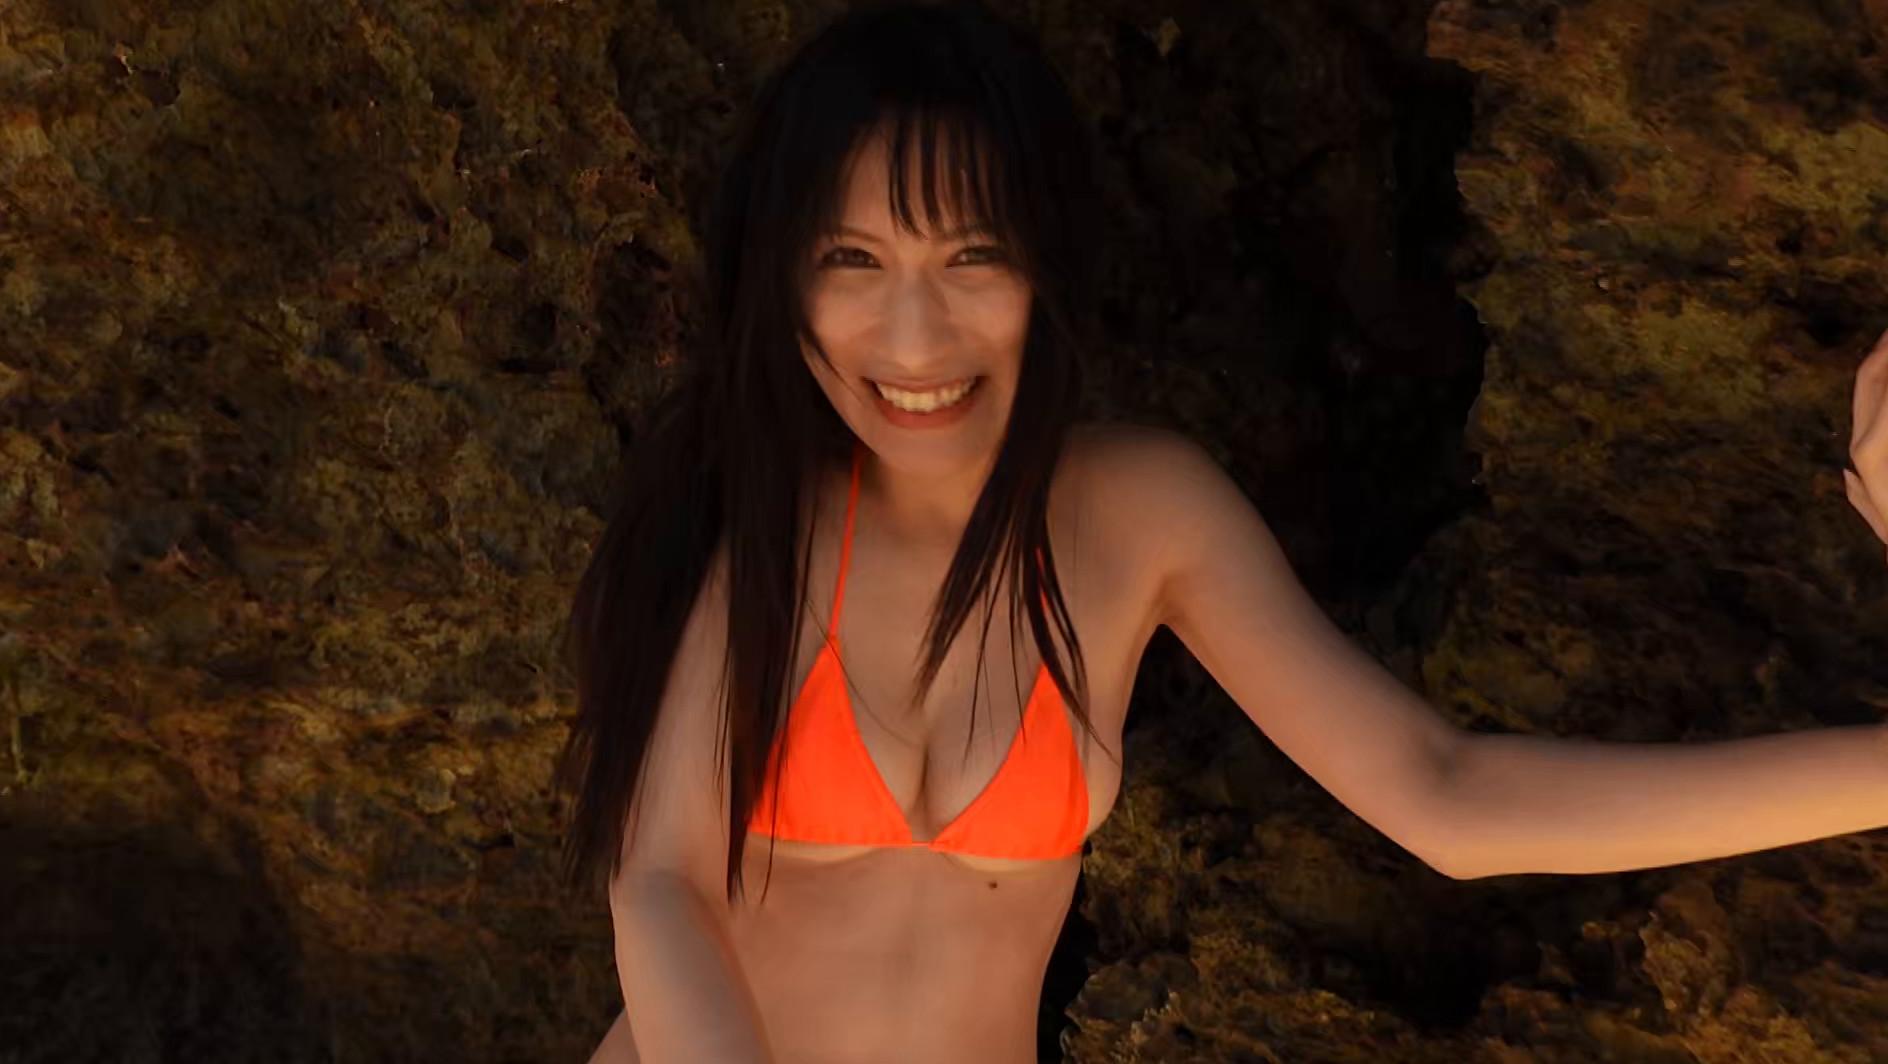 魅惑のサーシャ サーシャ菜美7